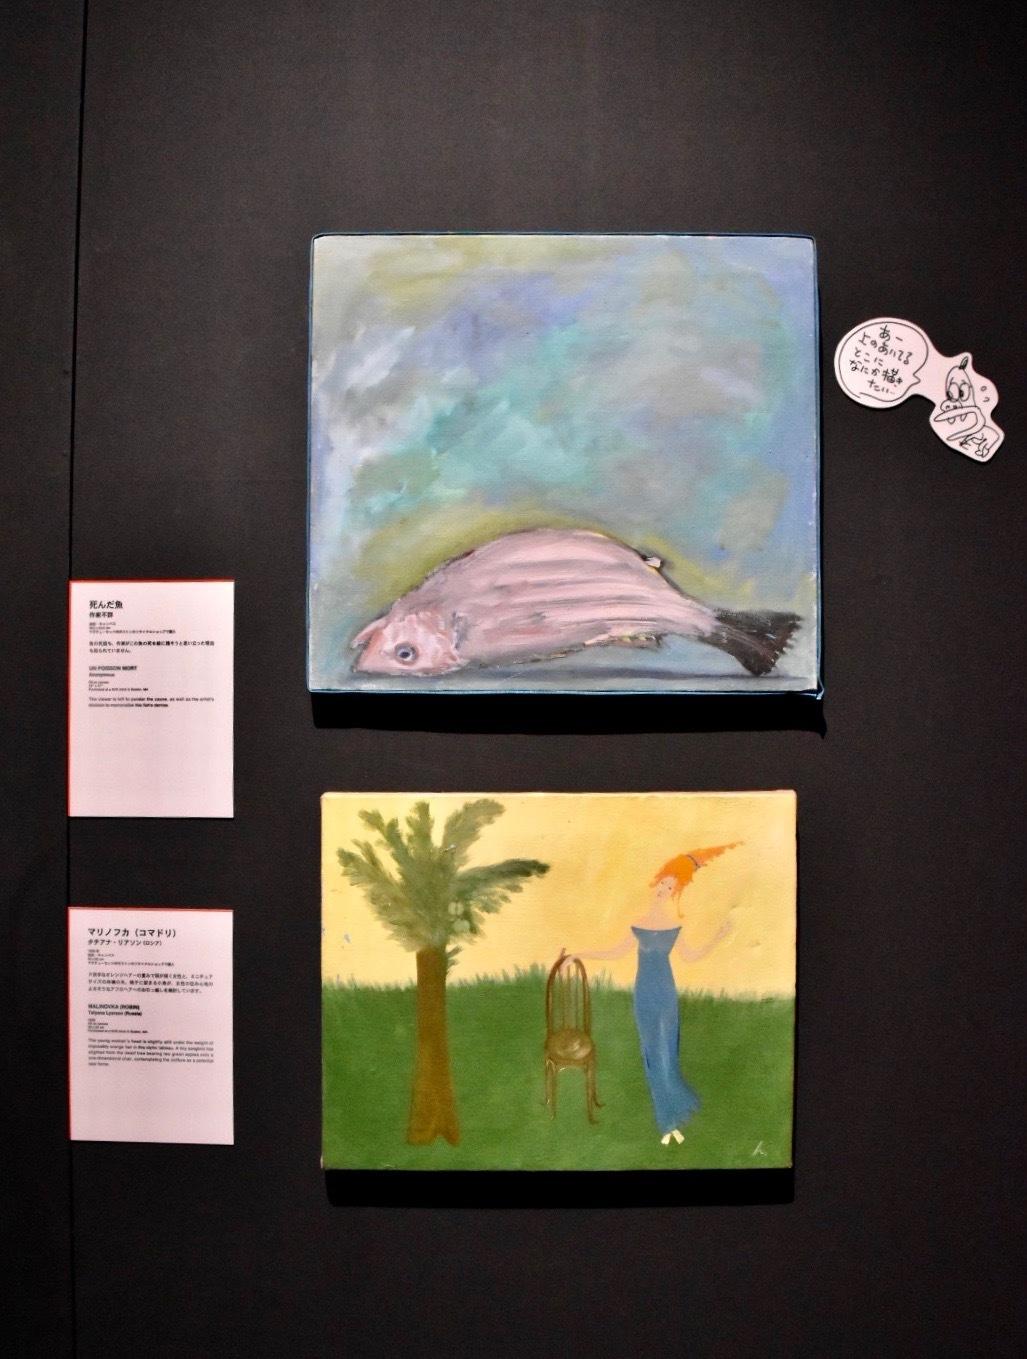 上:《死んだ魚》下:《マリノフカ(コマドリ)》